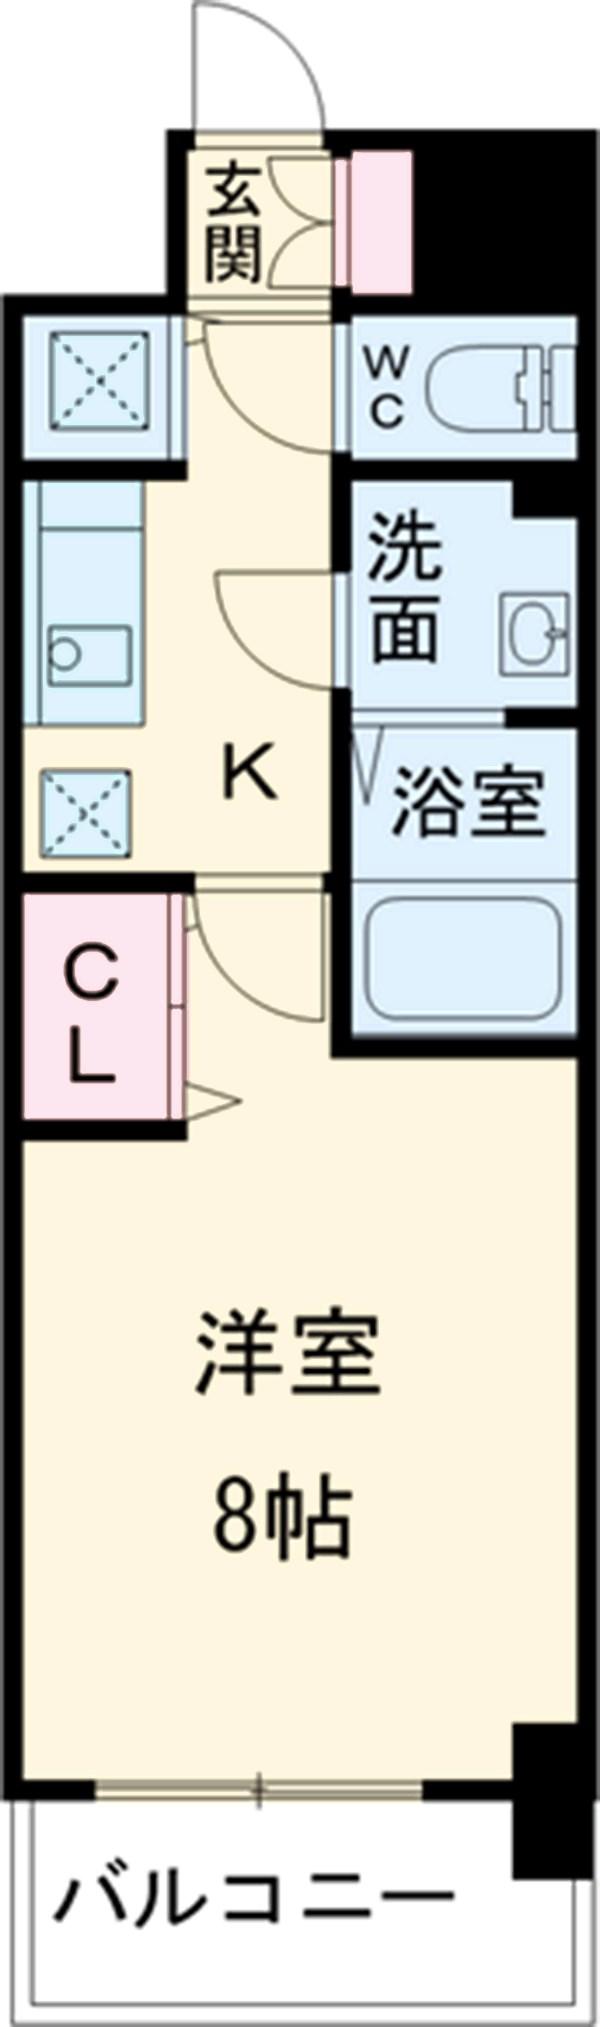 プレサンス新栄町ギャラント・910号室の間取り